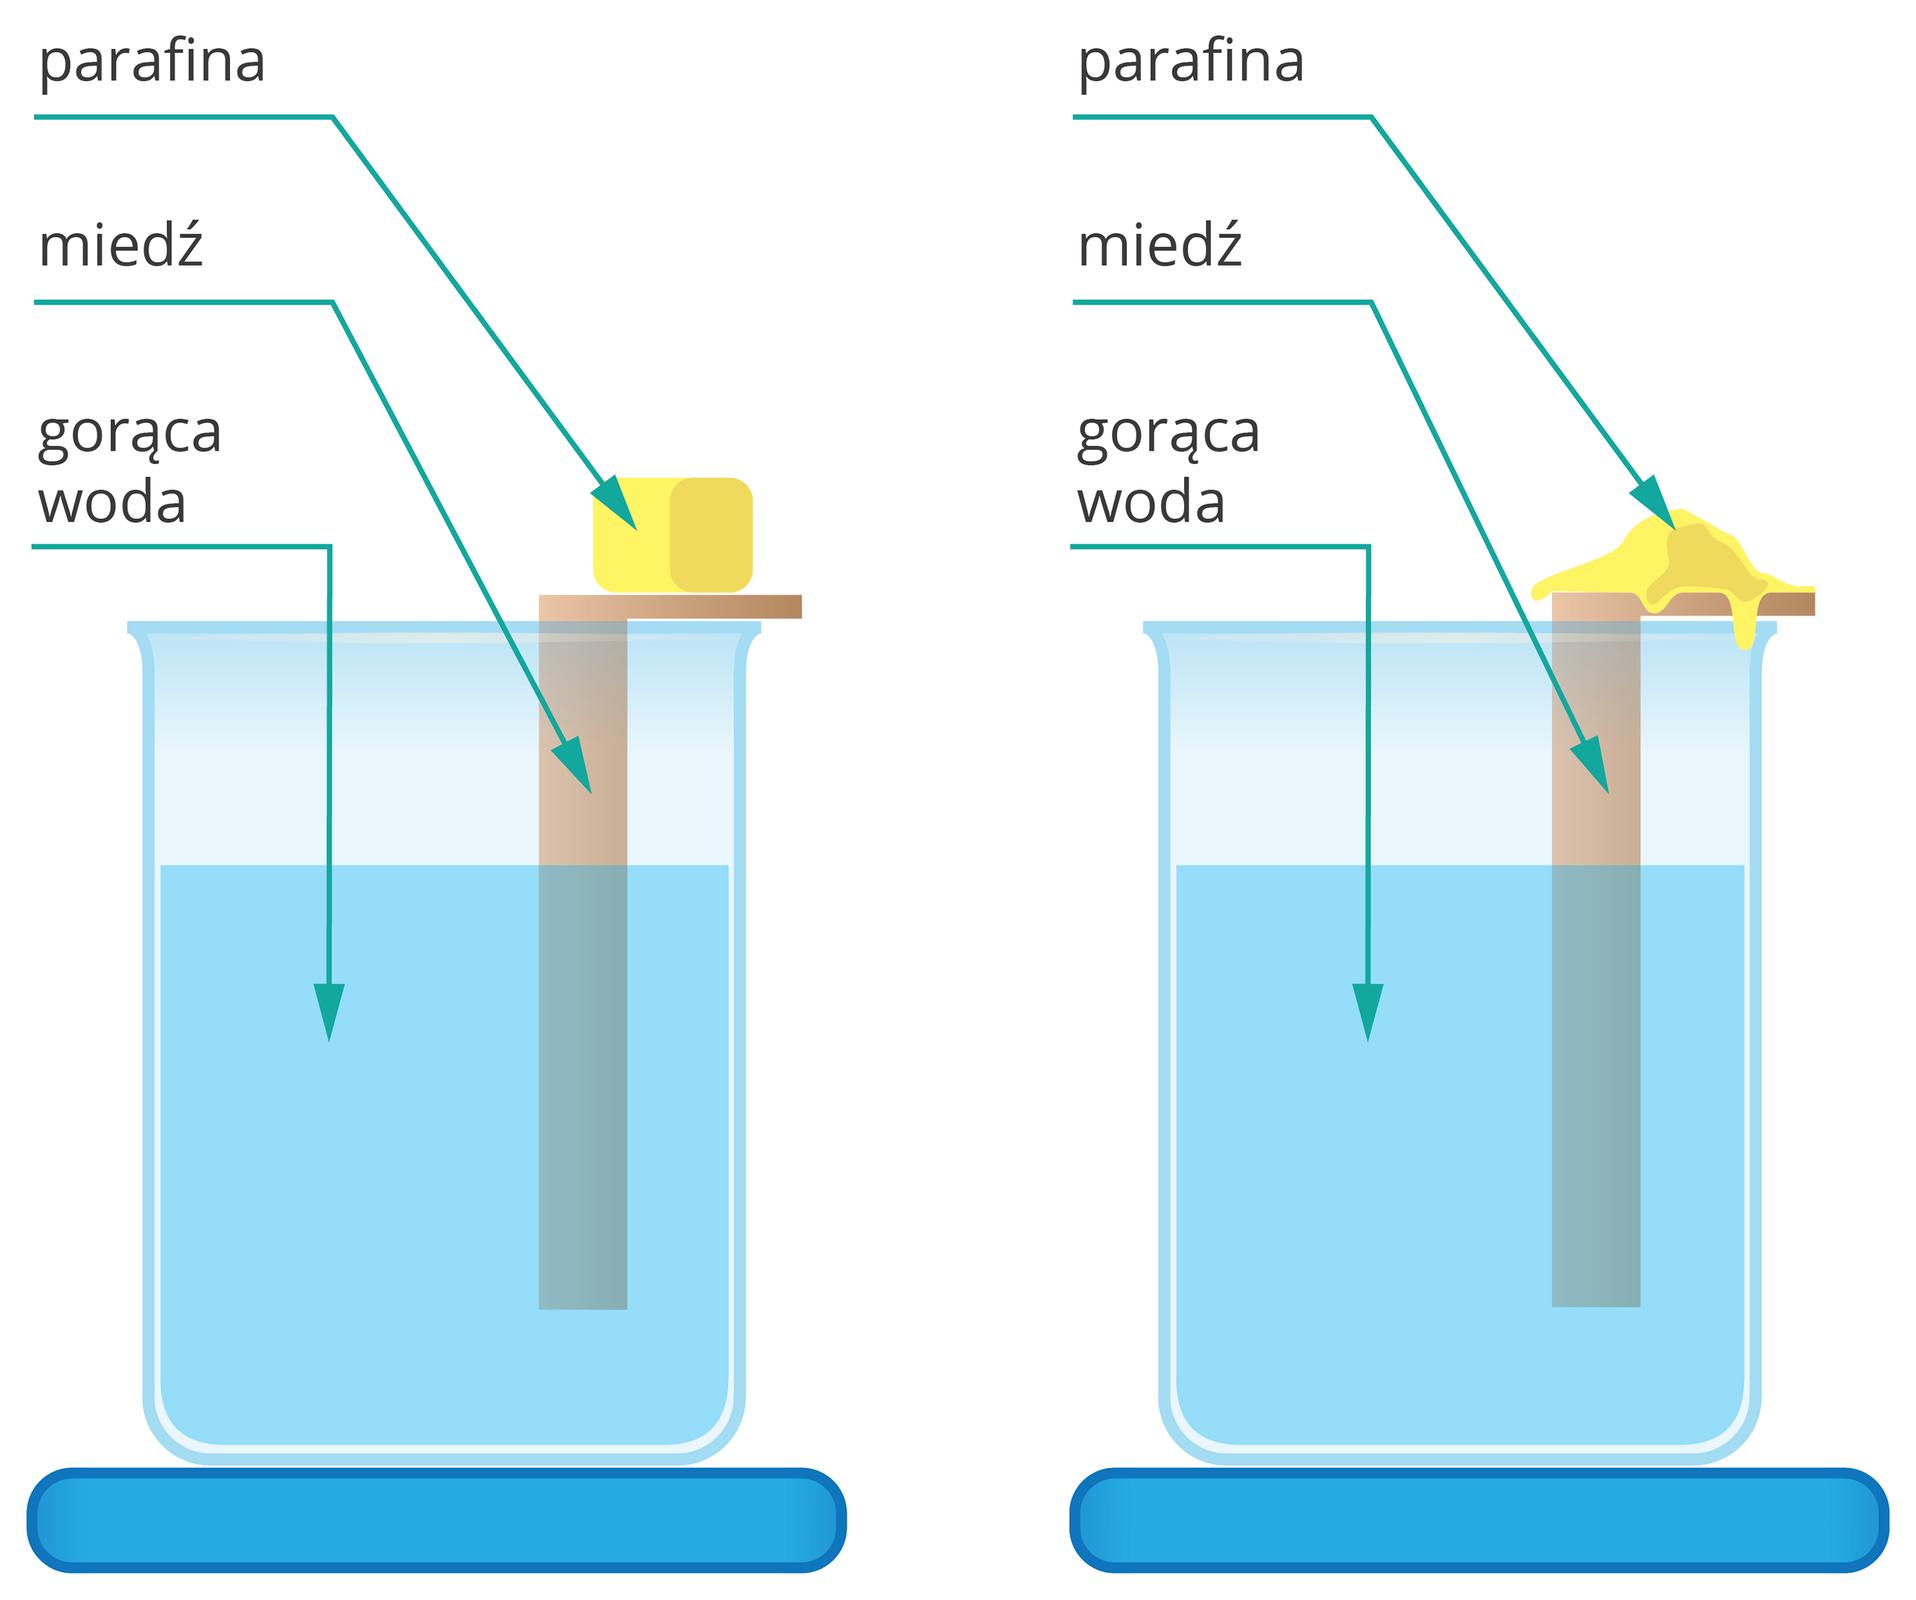 Ilustracja przedstawia dwie fazy tego samego eksperymentu. Zestaw składa się ze zlewki stojącej na podstawce inapełnionej wdwóch trzecich gorącą wodą, zagiętego wkształt odwróconej litery Lkawałka miedzi umieszczonego wzlewce taki sposób, że poziomy kawałek opiera się okrawędź zlewki, apionowy zanurzony jest wwodzie oraz kawałka żółtej substancji, którą według opisu jest parafina, leżącą na poziomej części kawałka miedzi. Na obrazku po prawej stronie, przedstawiającego końcową fazę eksperymentu, parafina uległa stopieniu pod wpływem ciepła pochodzącego zkawałka miedzi, na którym leżała.